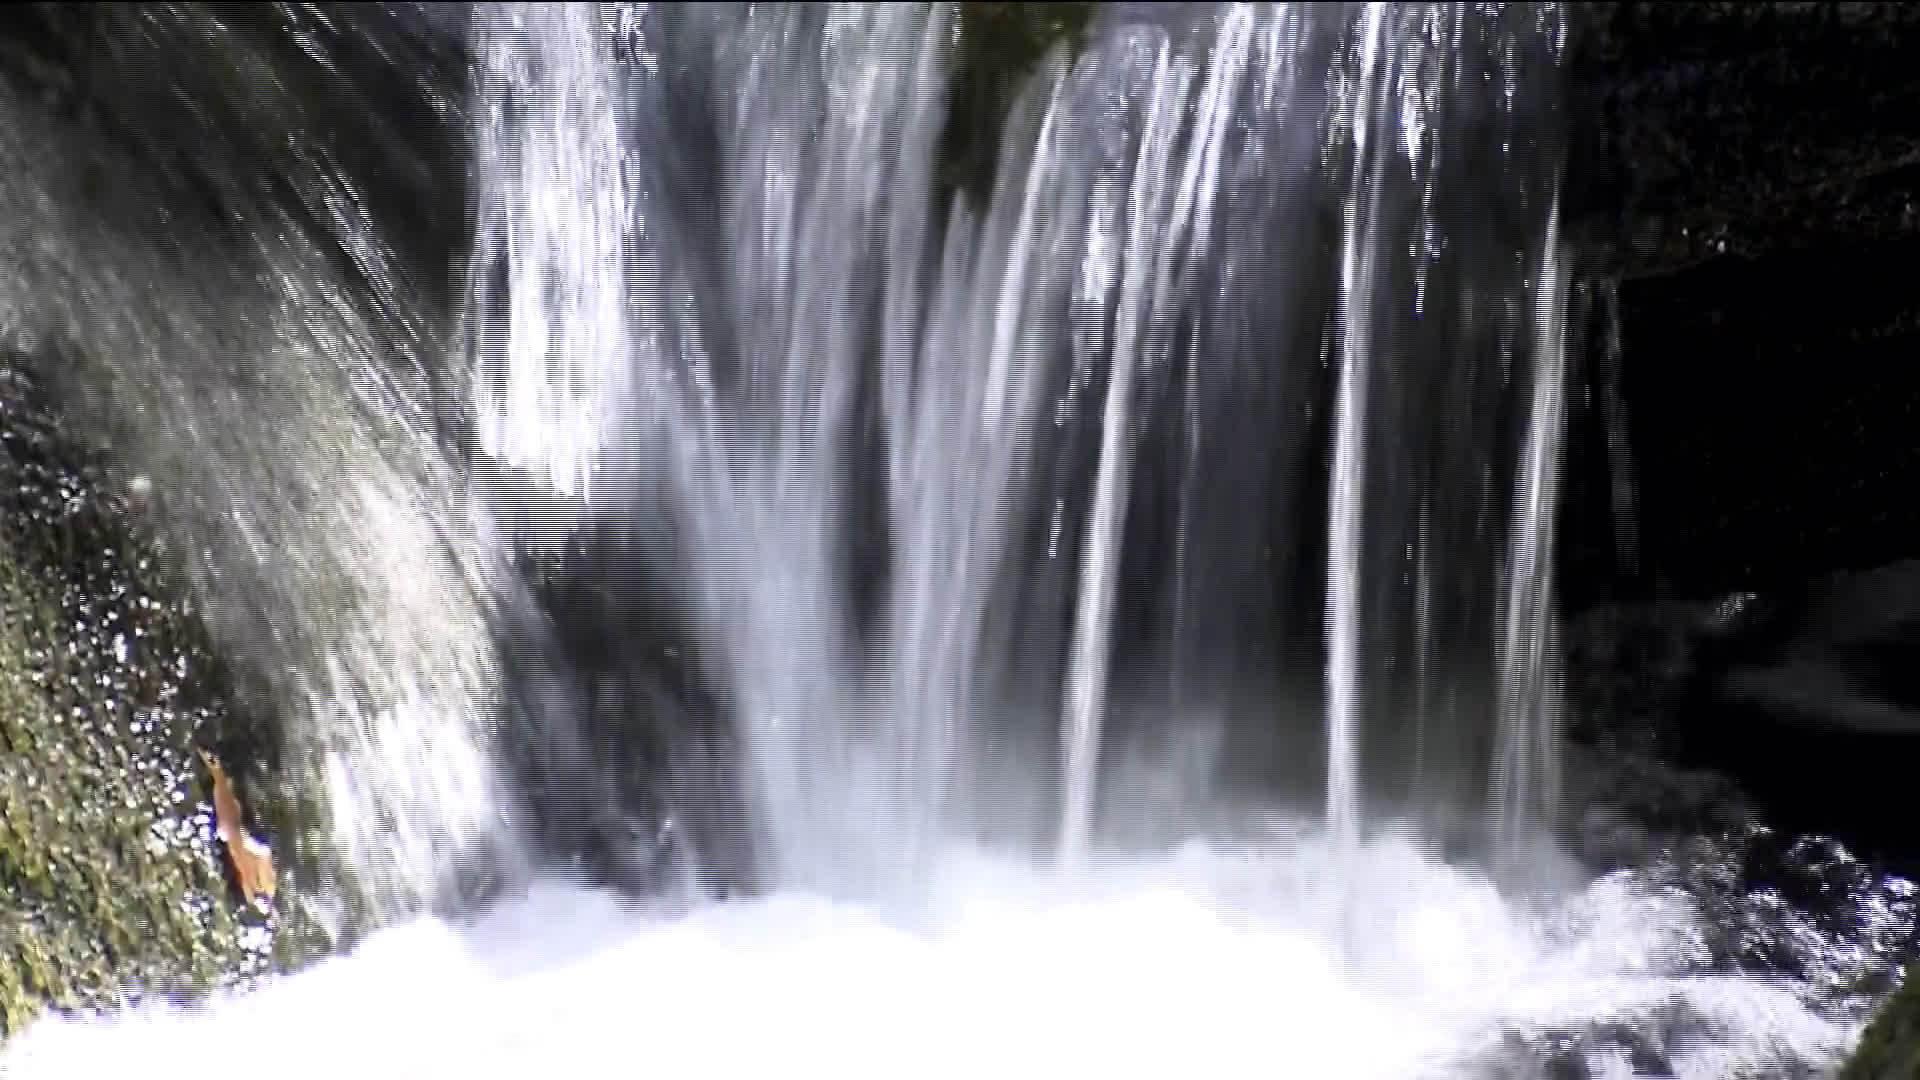 本溪夏日清凉  山间飞瀑流泉